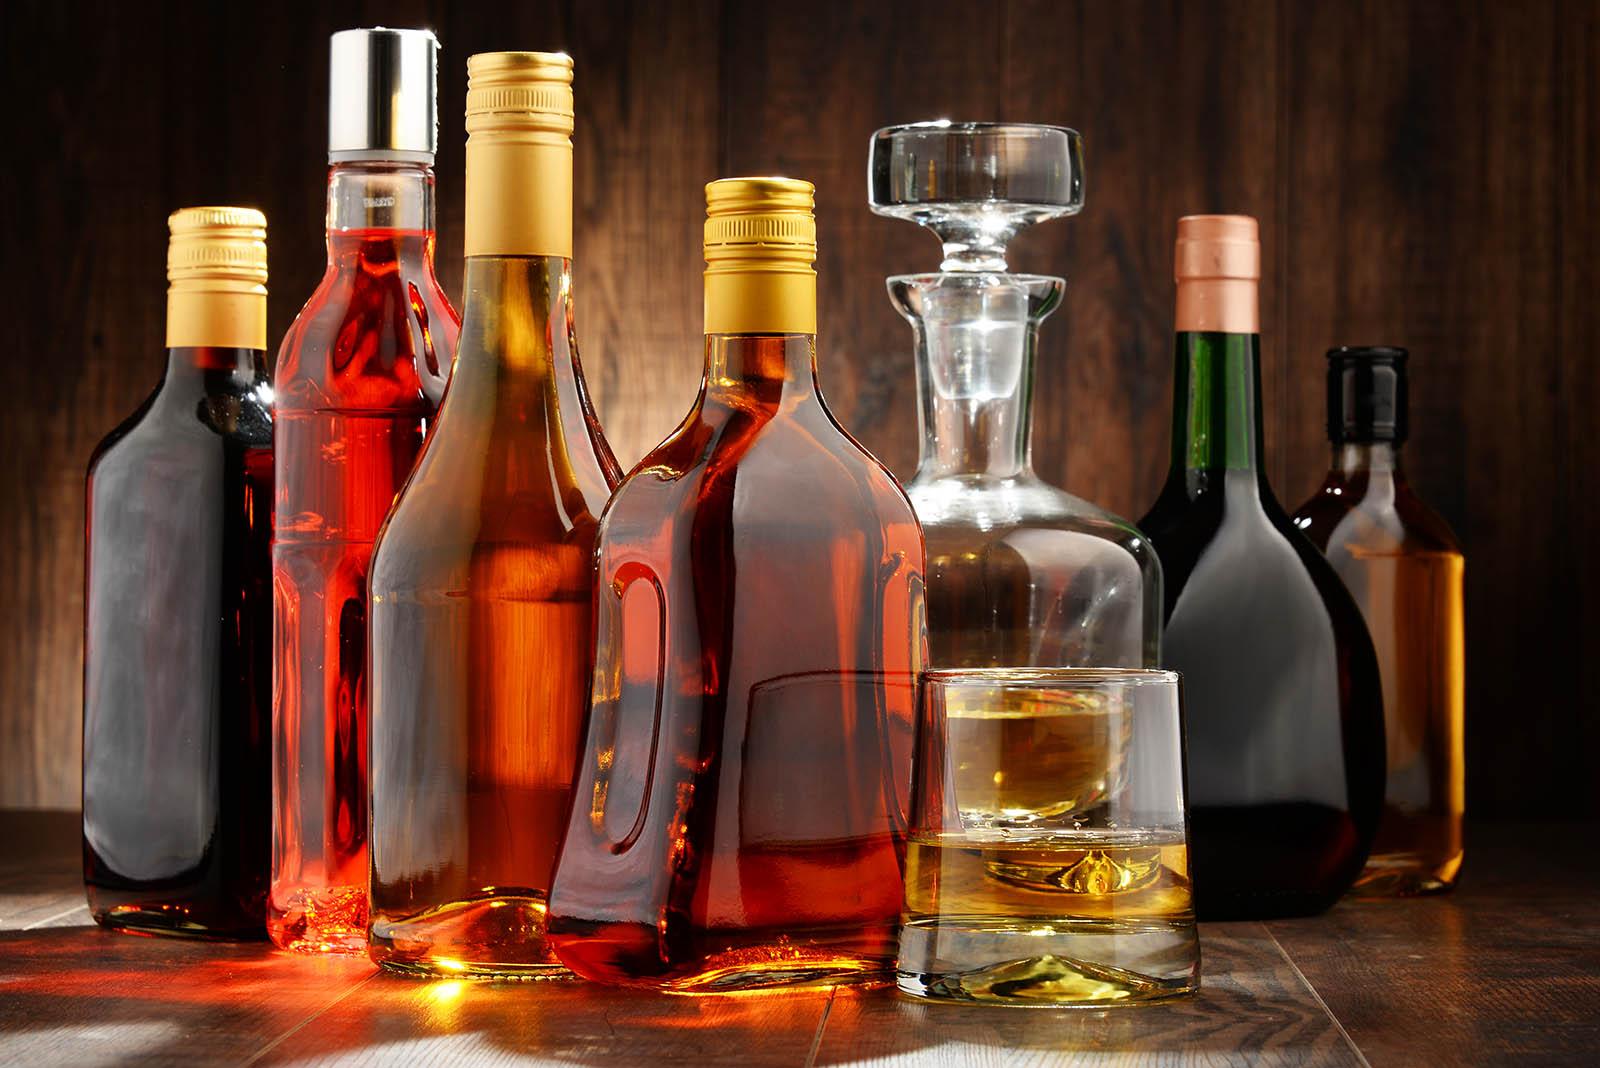 verschiedene flaschen auf einem tisch